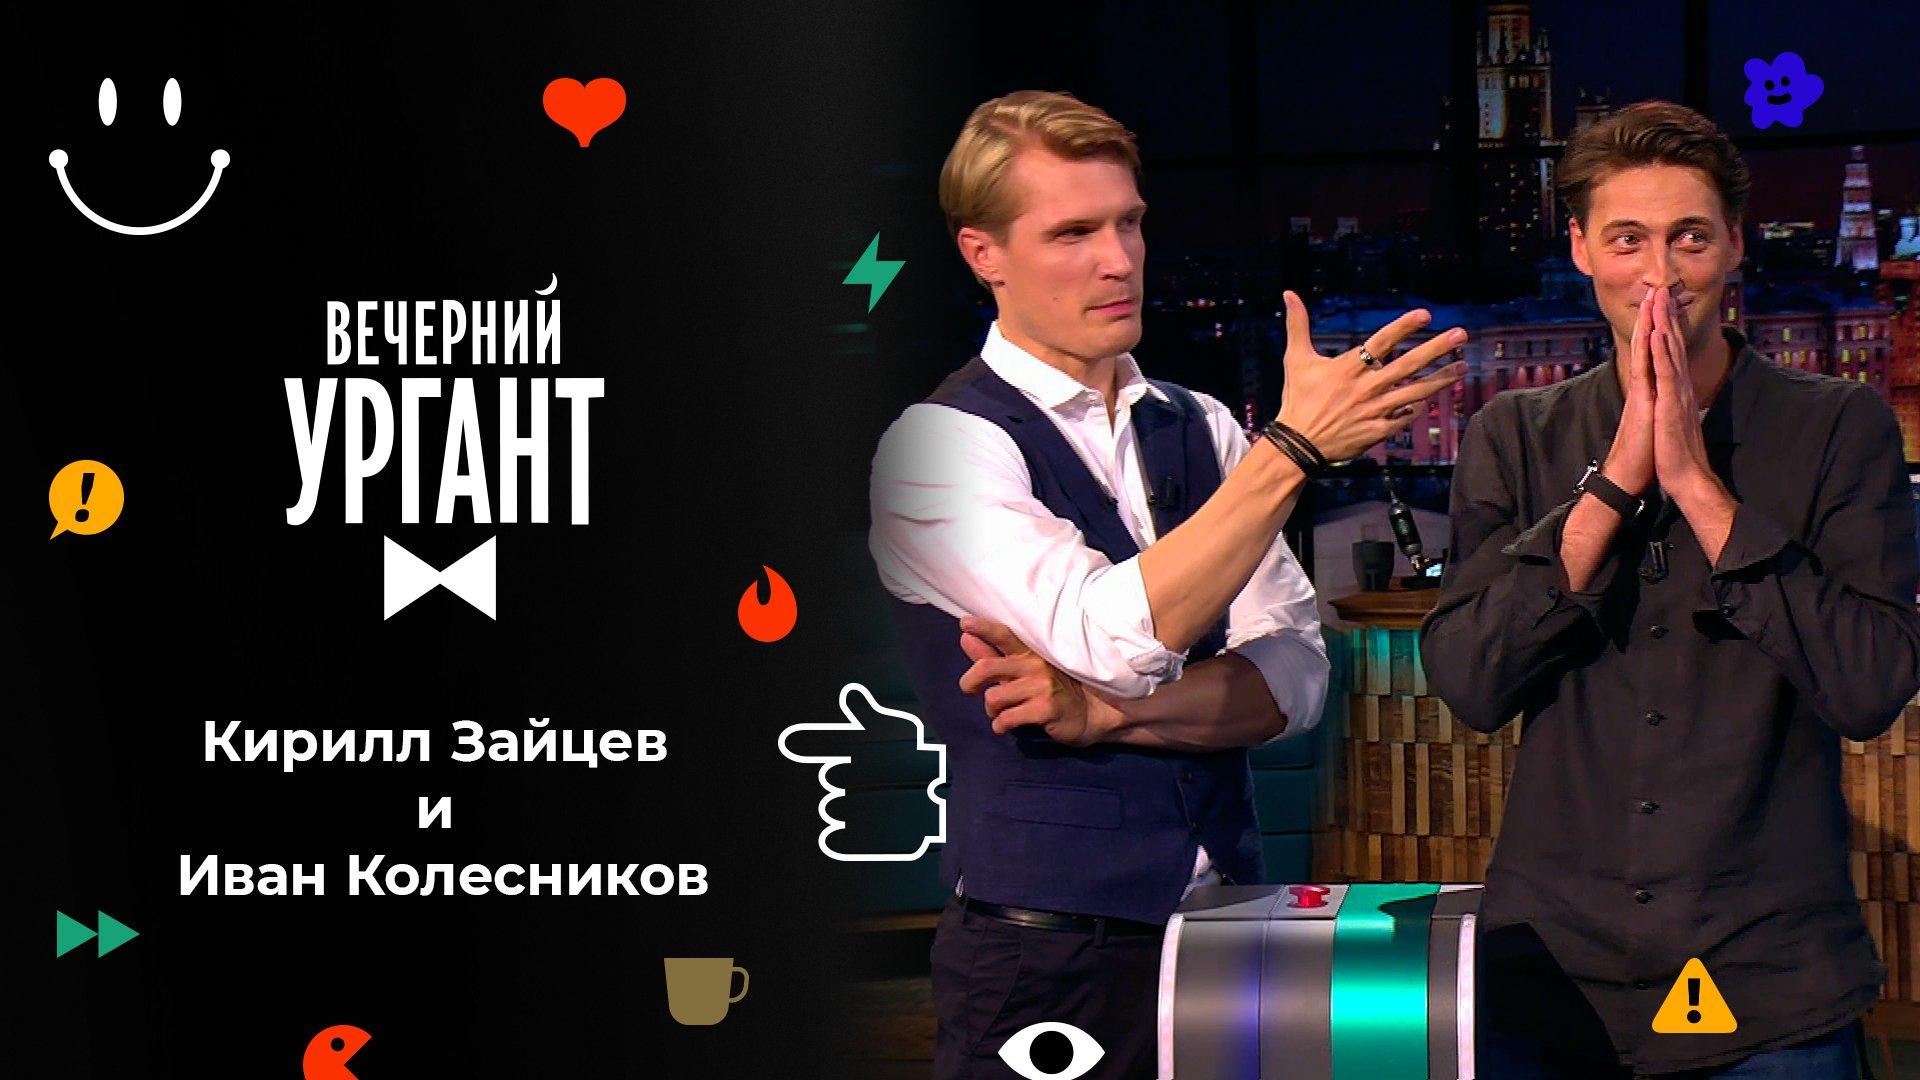 «Вечерний Ургант». Кирилл Зайцев иИван Колесников